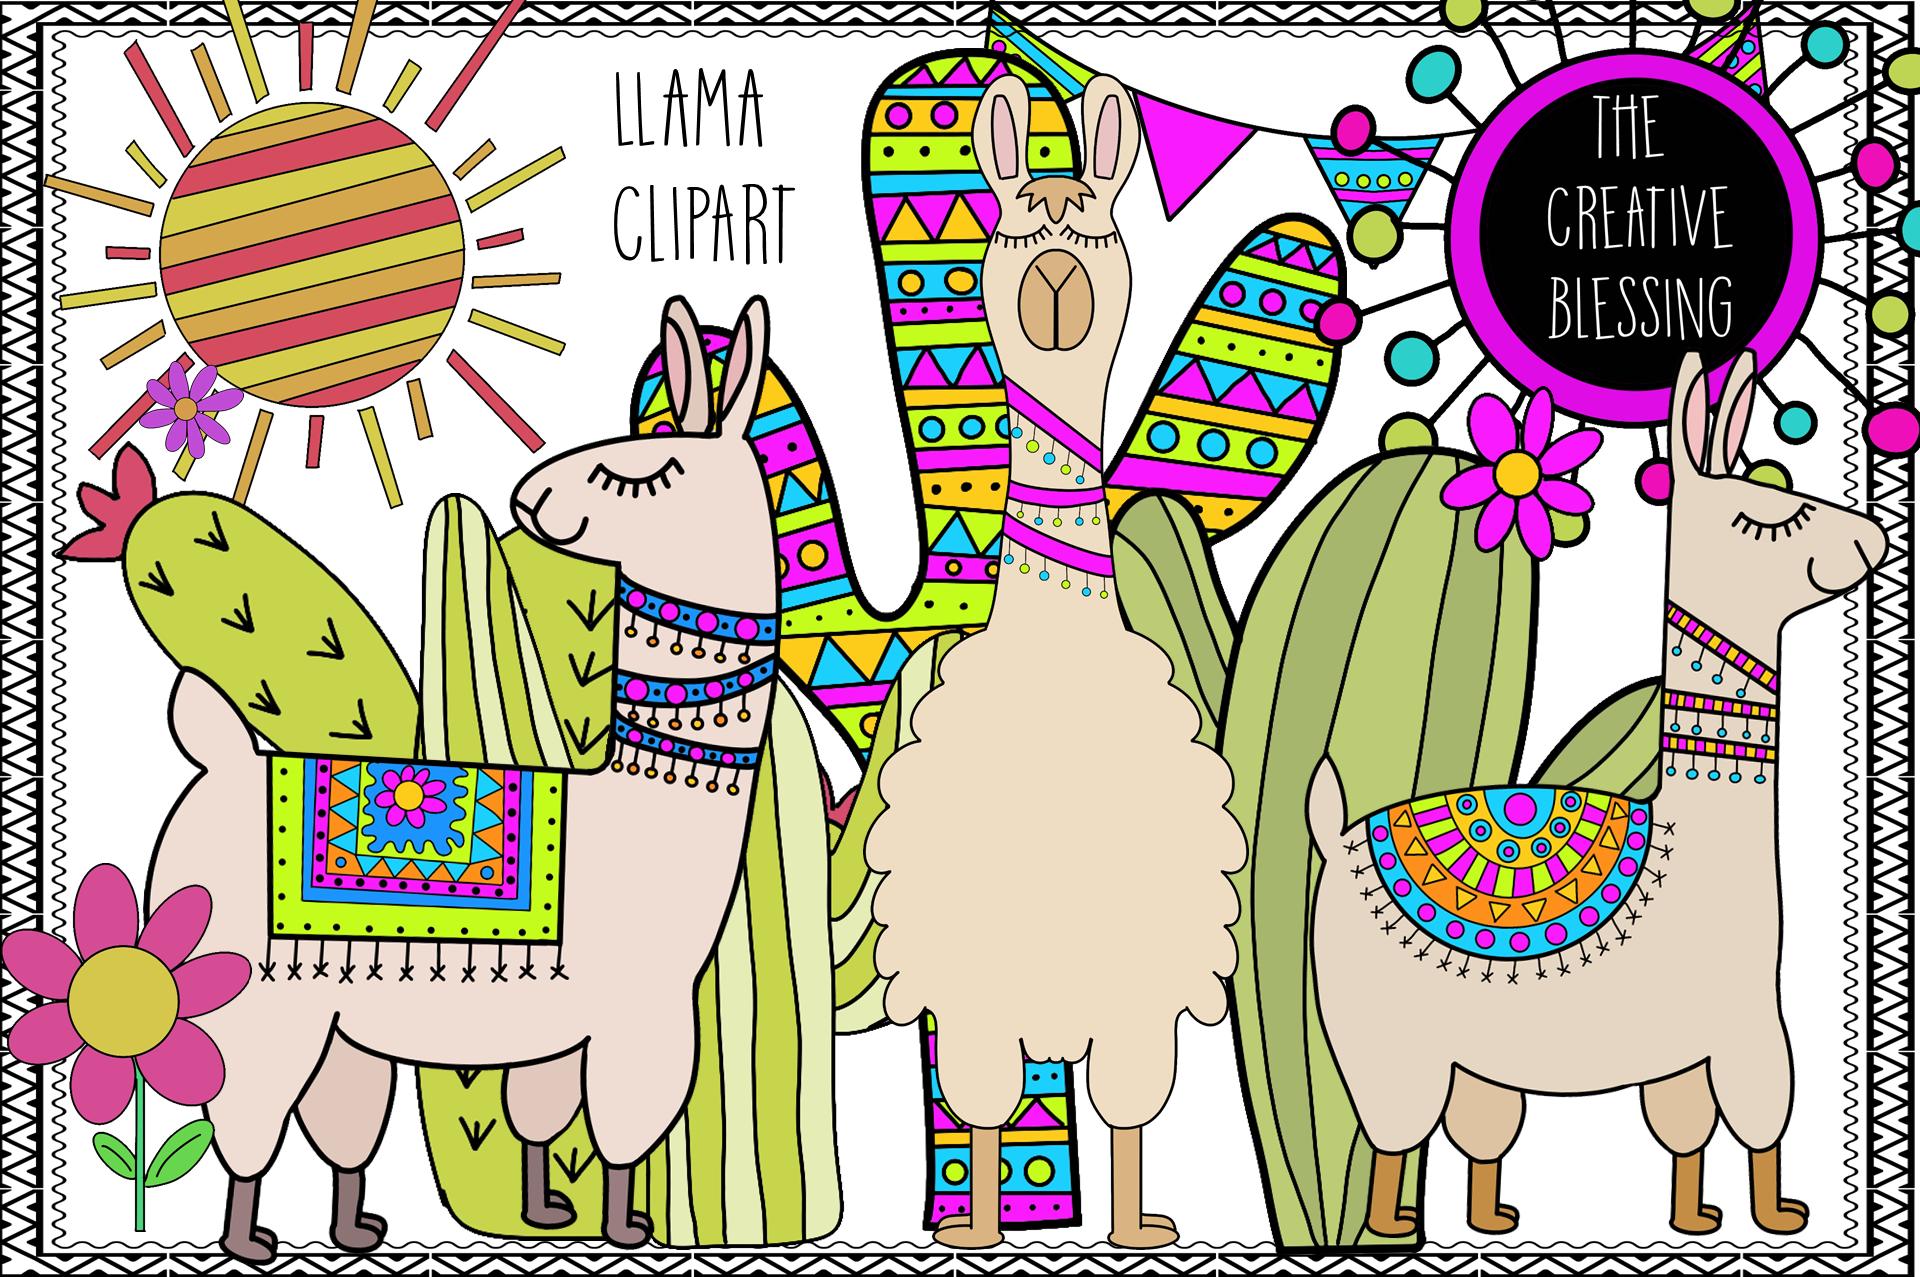 Hand Drawn Llama Clipart example image 1